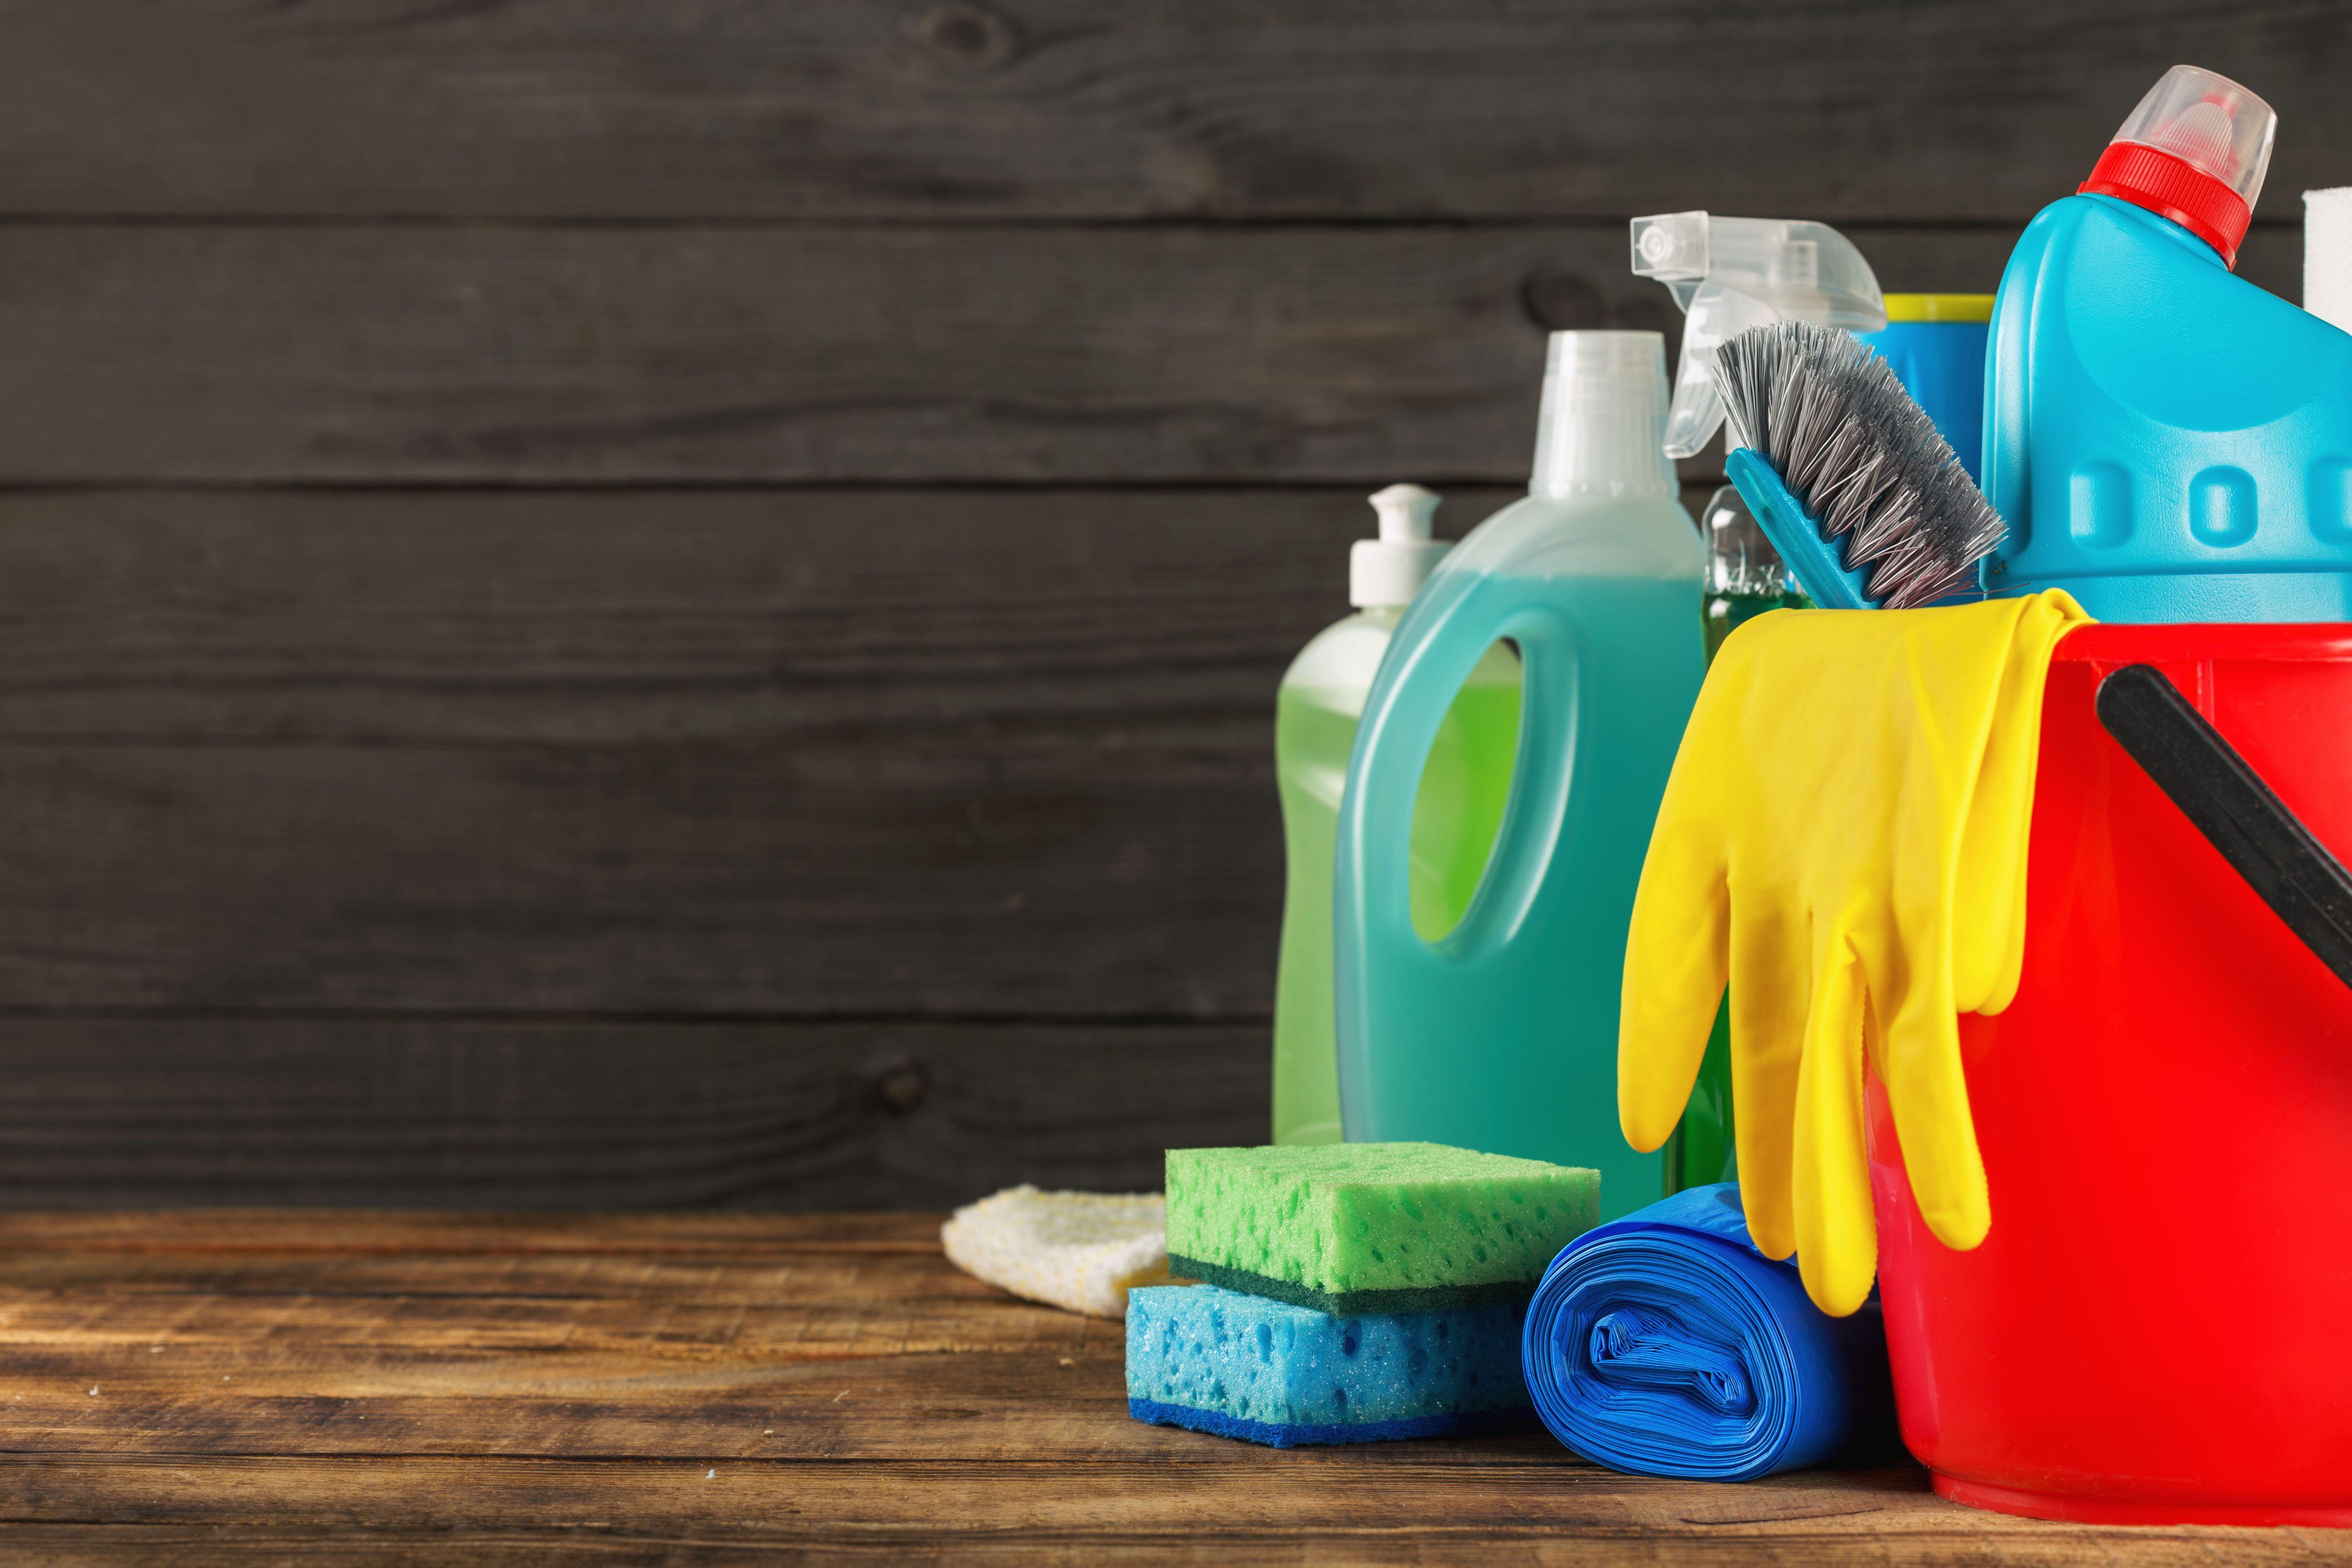 Venta de productos: Limpieza y mantenimientos de LDC Limpiezas de Celis